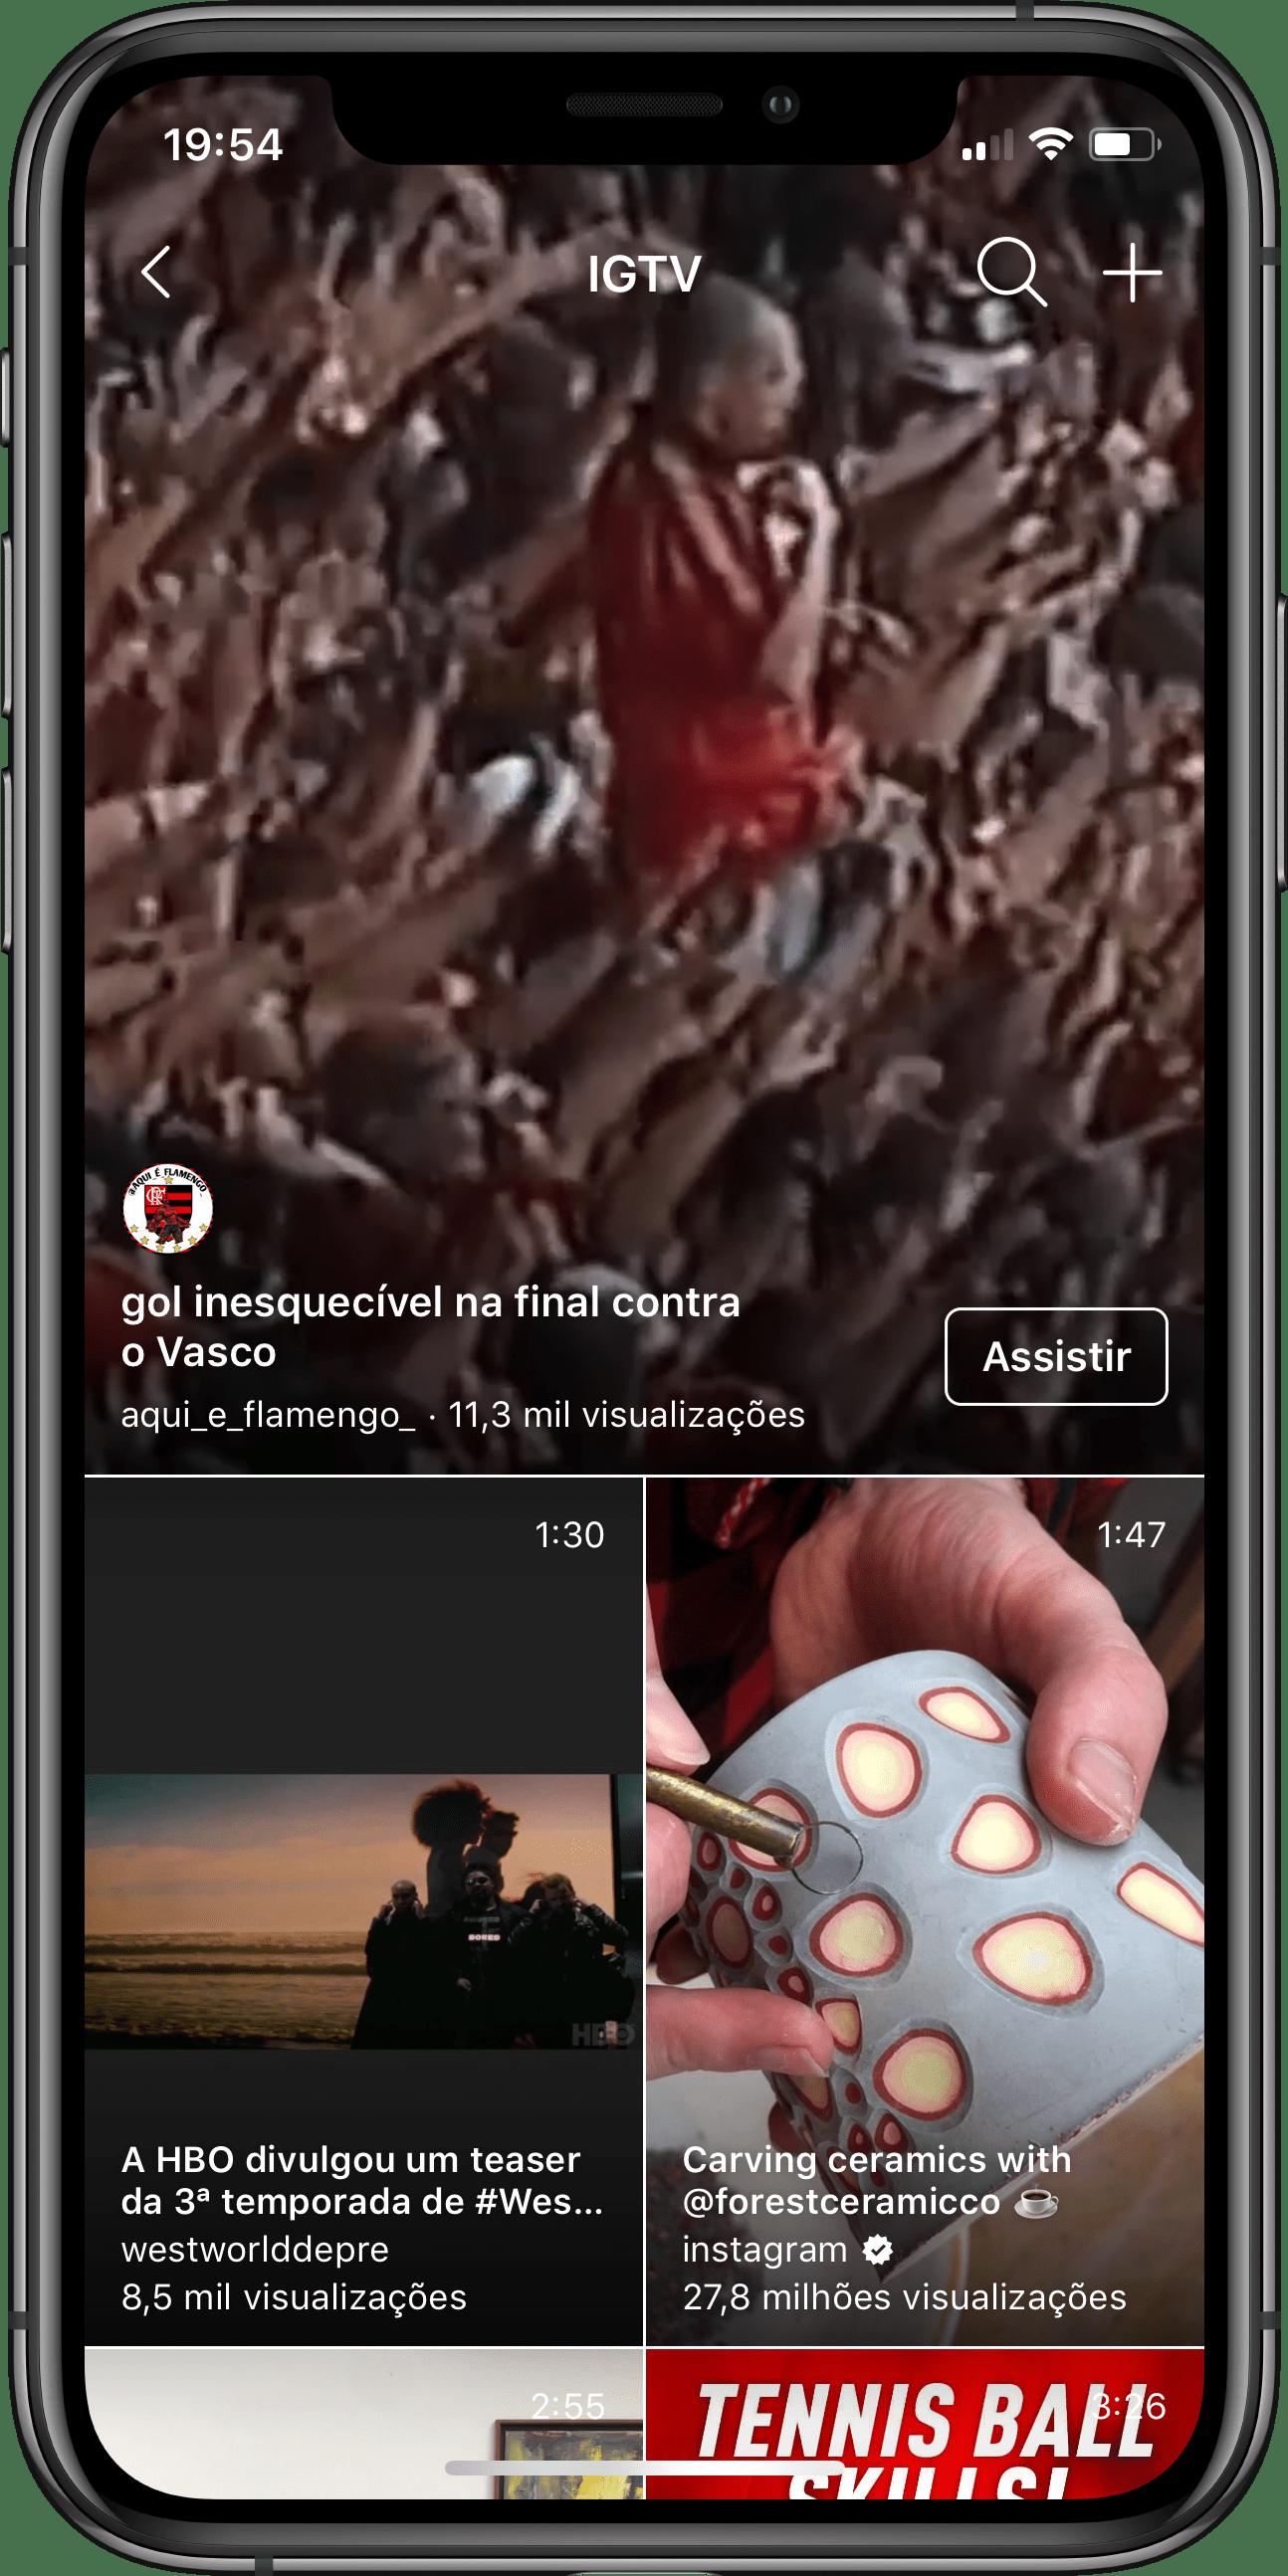 Novo design do IGTV